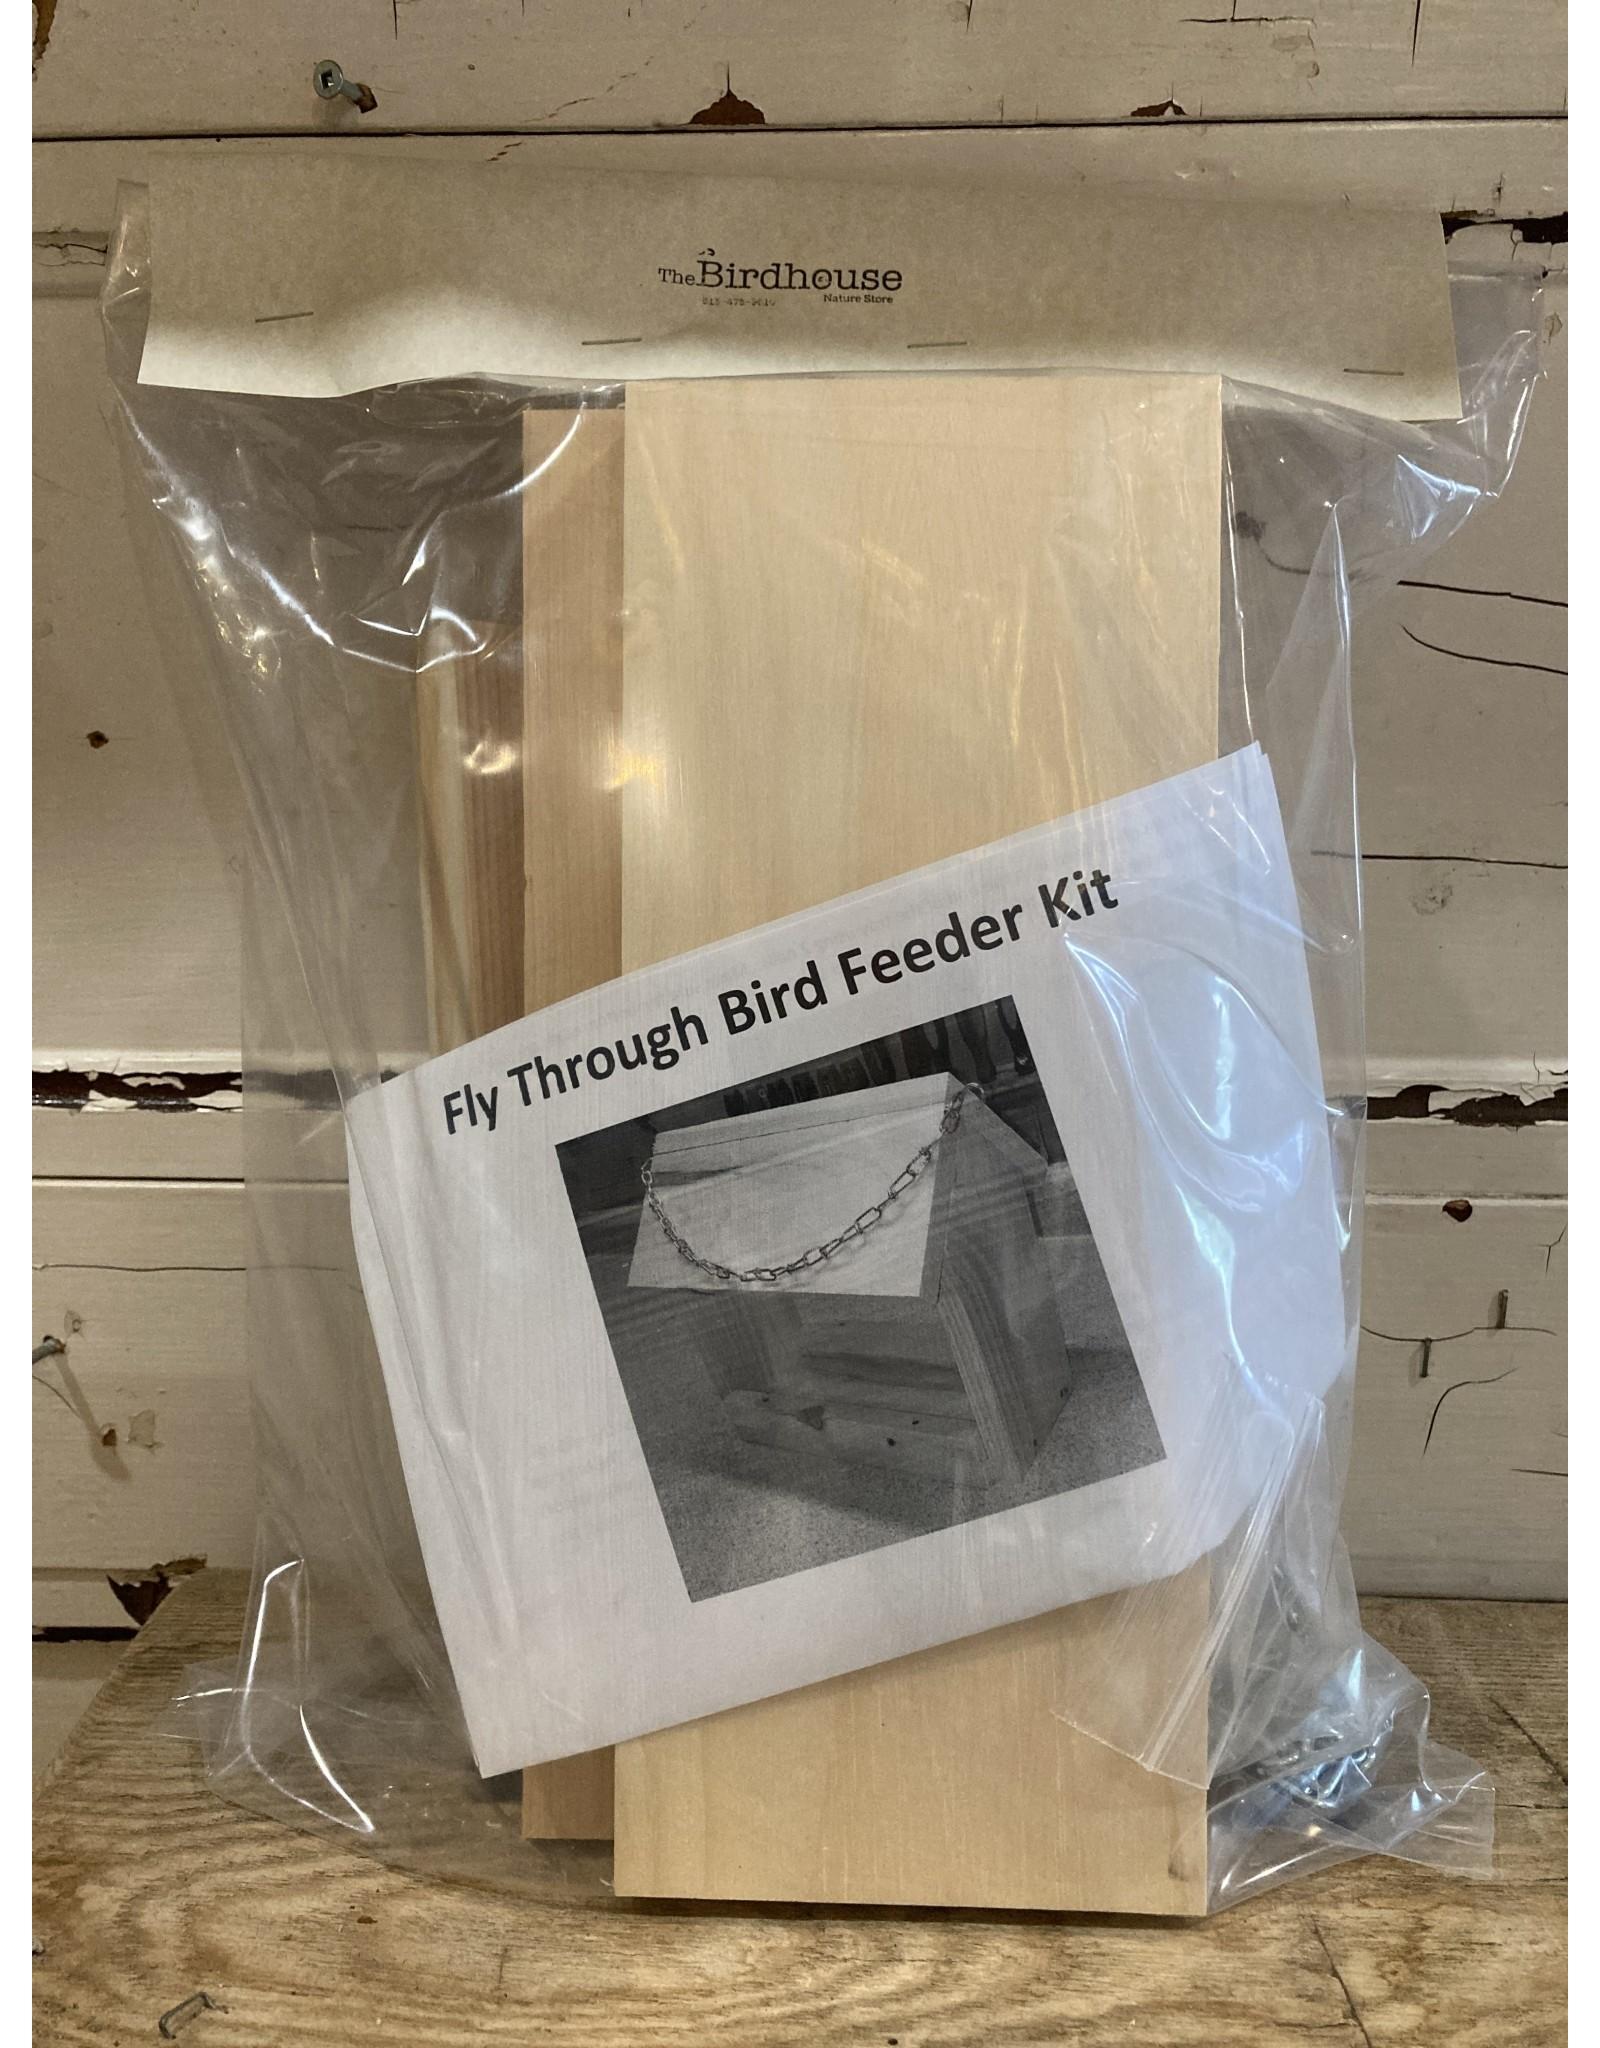 Animal House Creations AH2441 Bird Feeder Build Your Own Kit